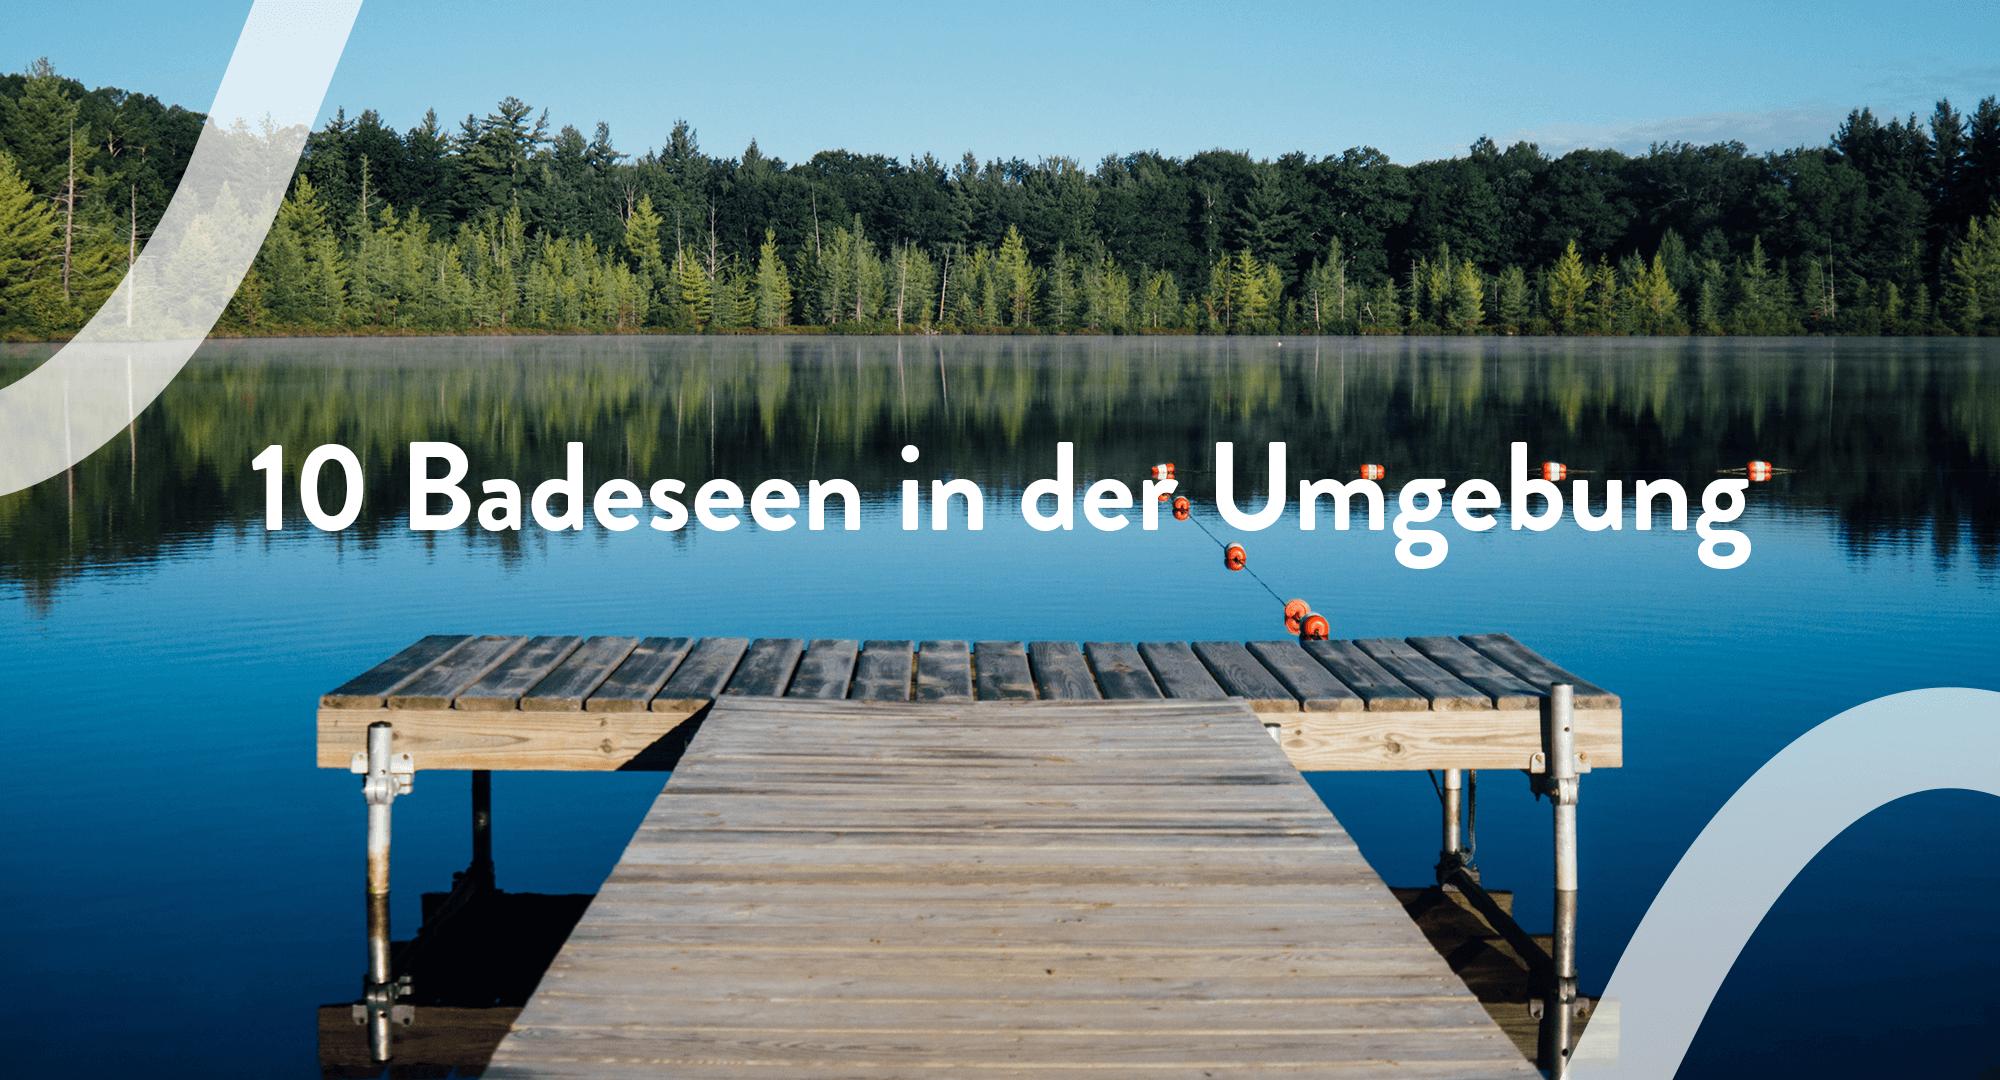 10 Badesseen in der Region als Ausflugtipps von Rothmoser